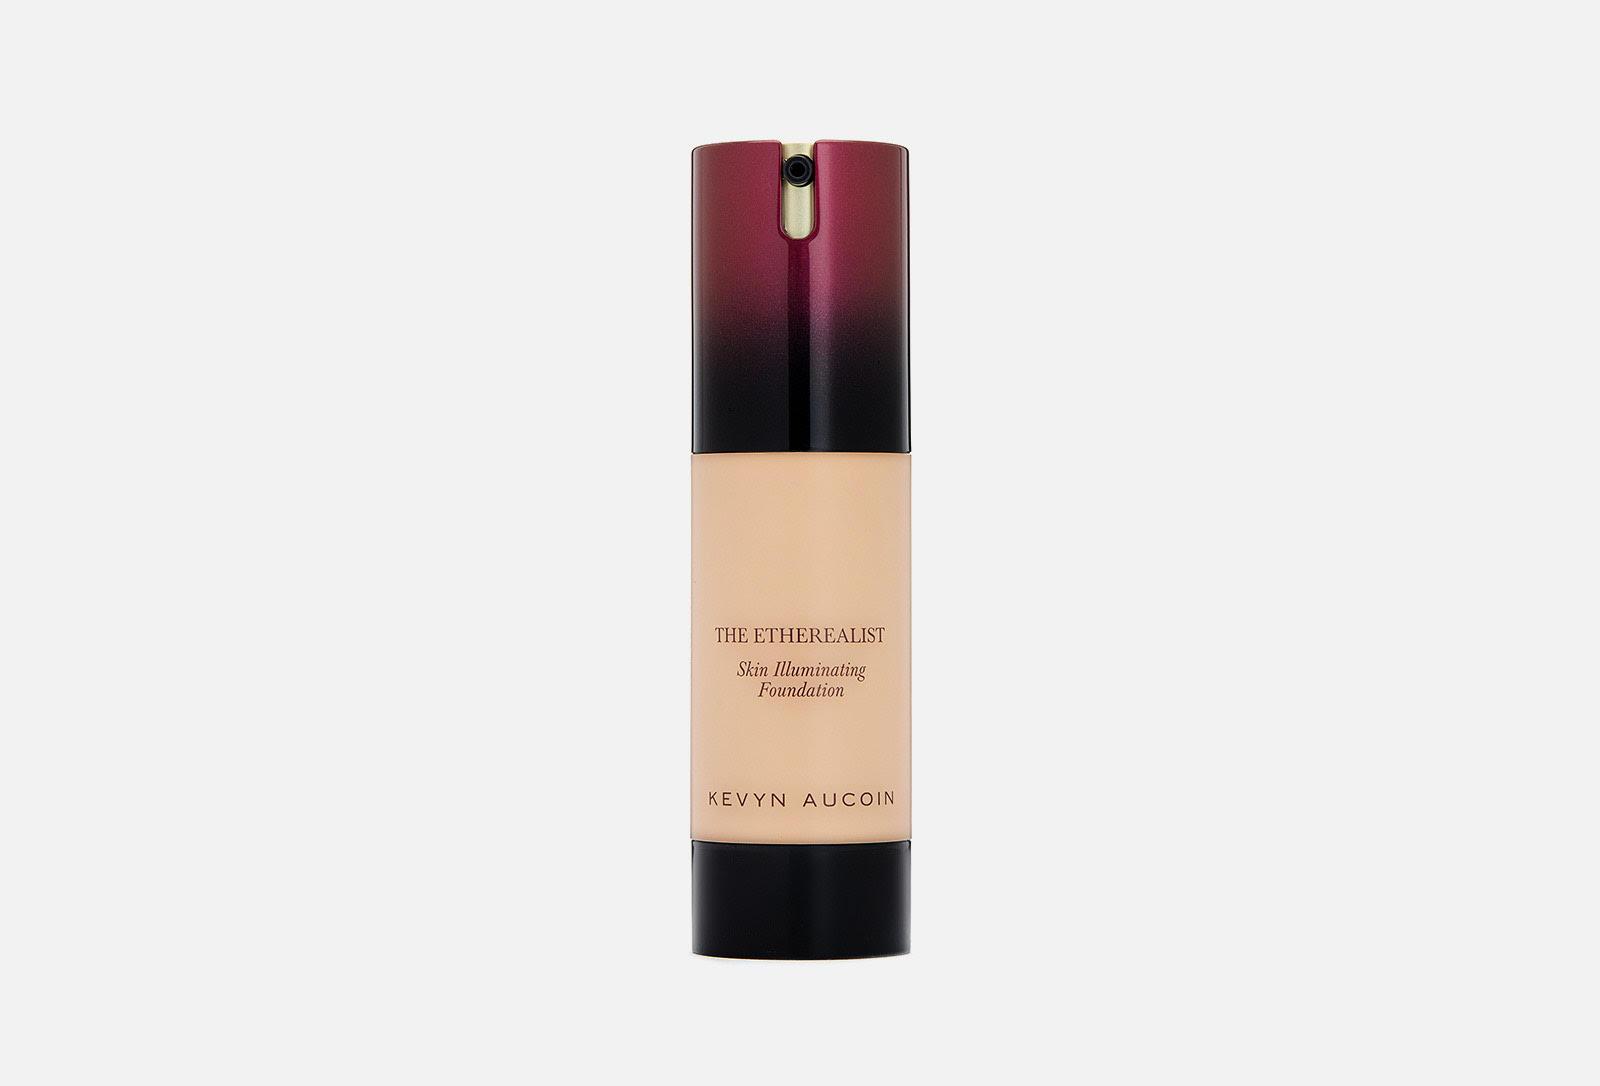 Подсвечивающая тональная основа KEVIN AUCOIN the etherealist skin illuminating foundation